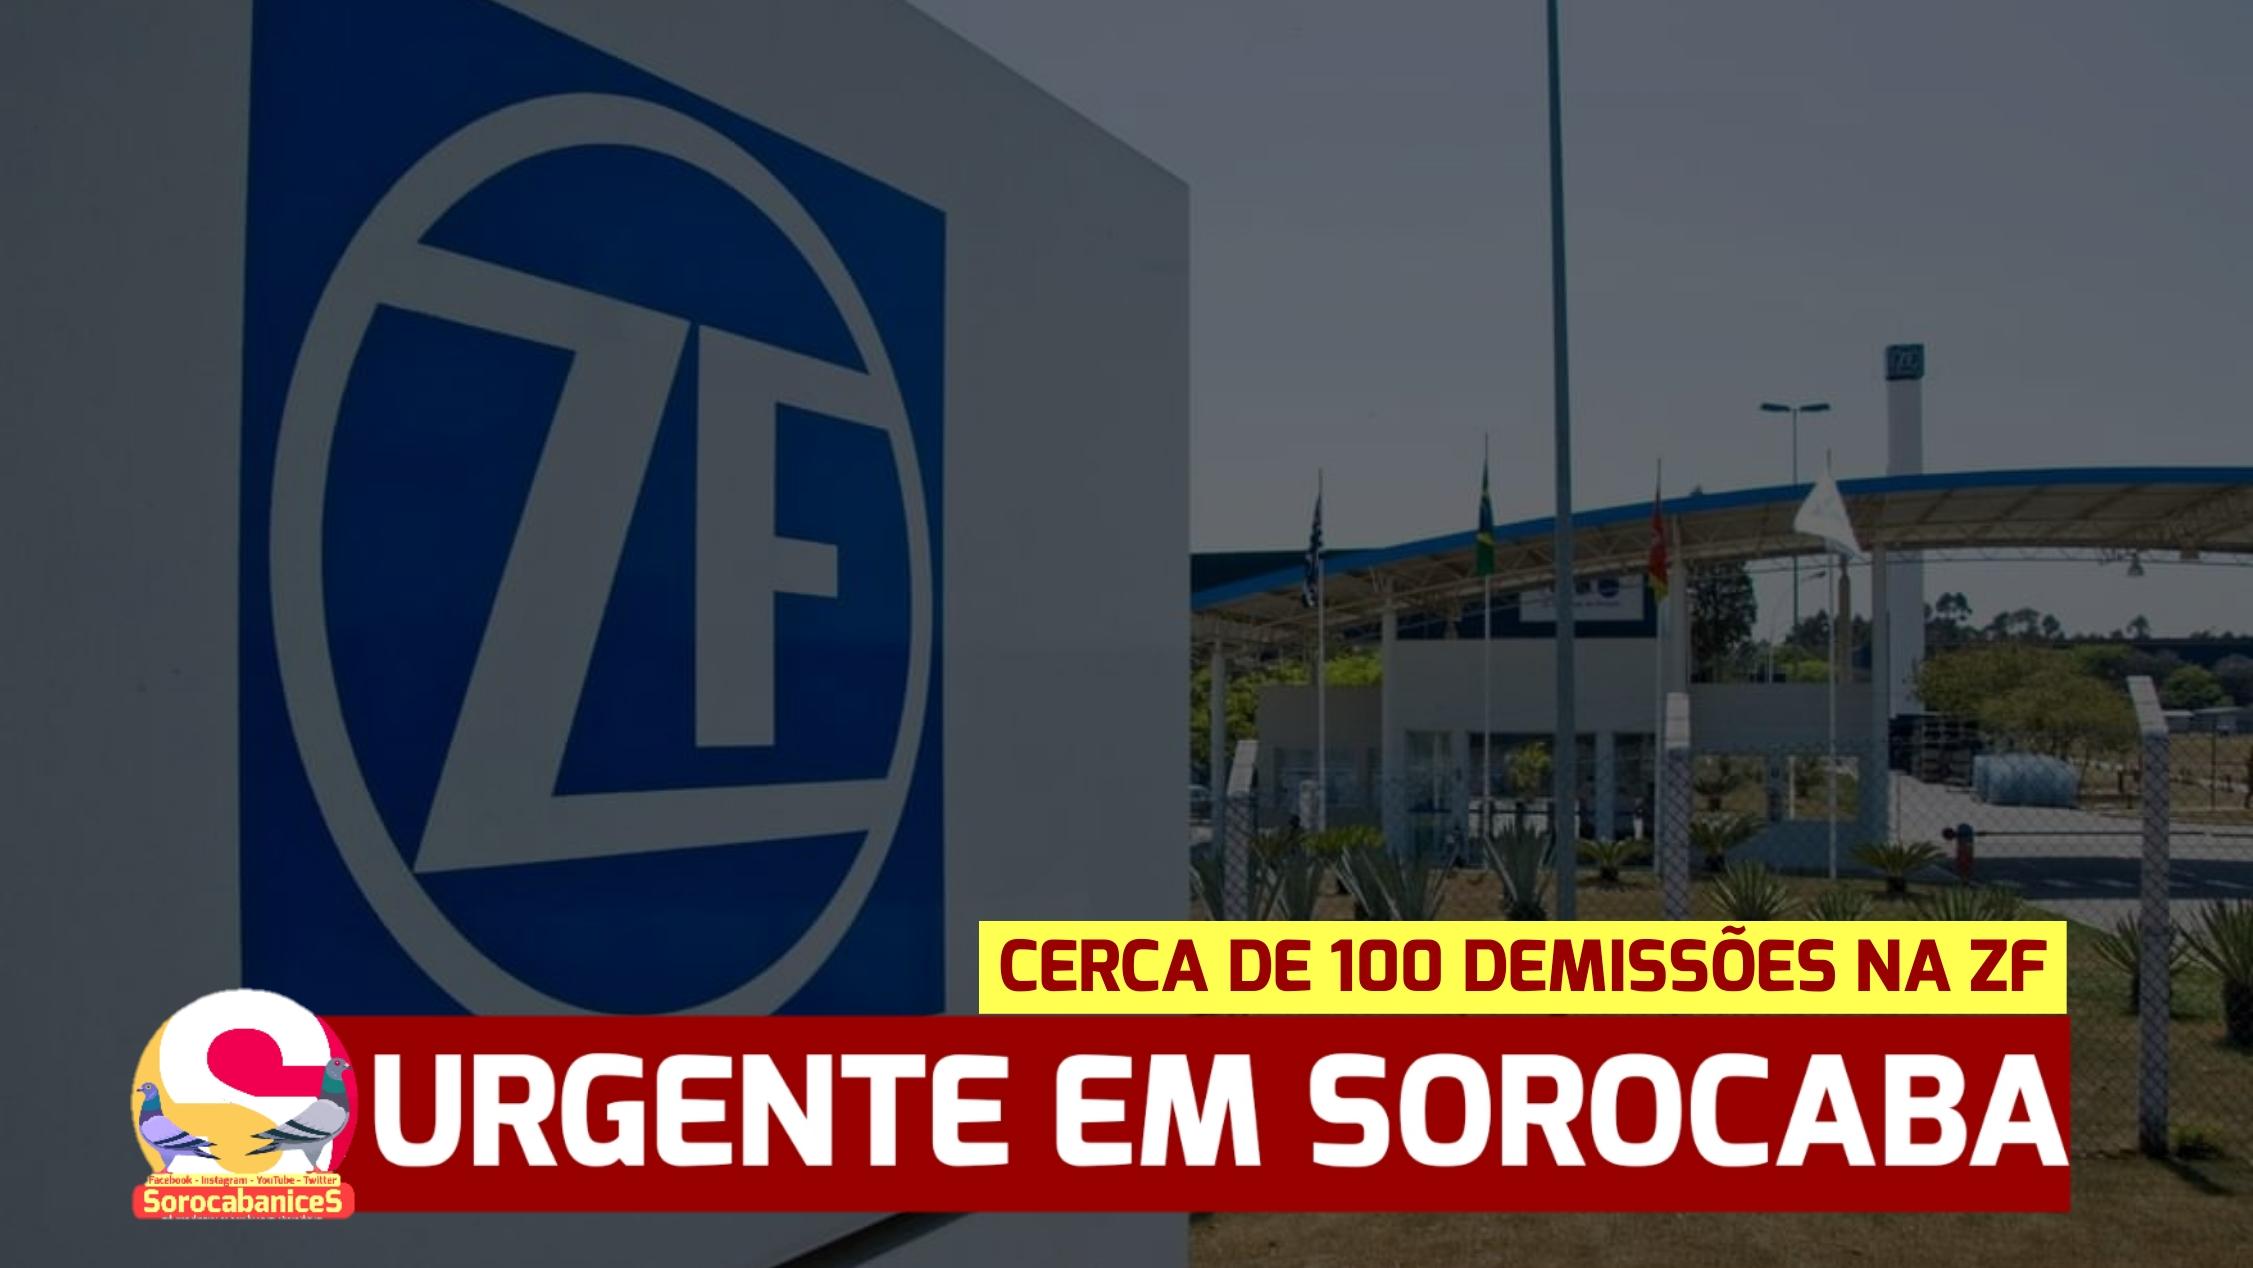 ZF do Brasil demite cerca de 100 funcionários em Sorocaba nesta quarta (05)